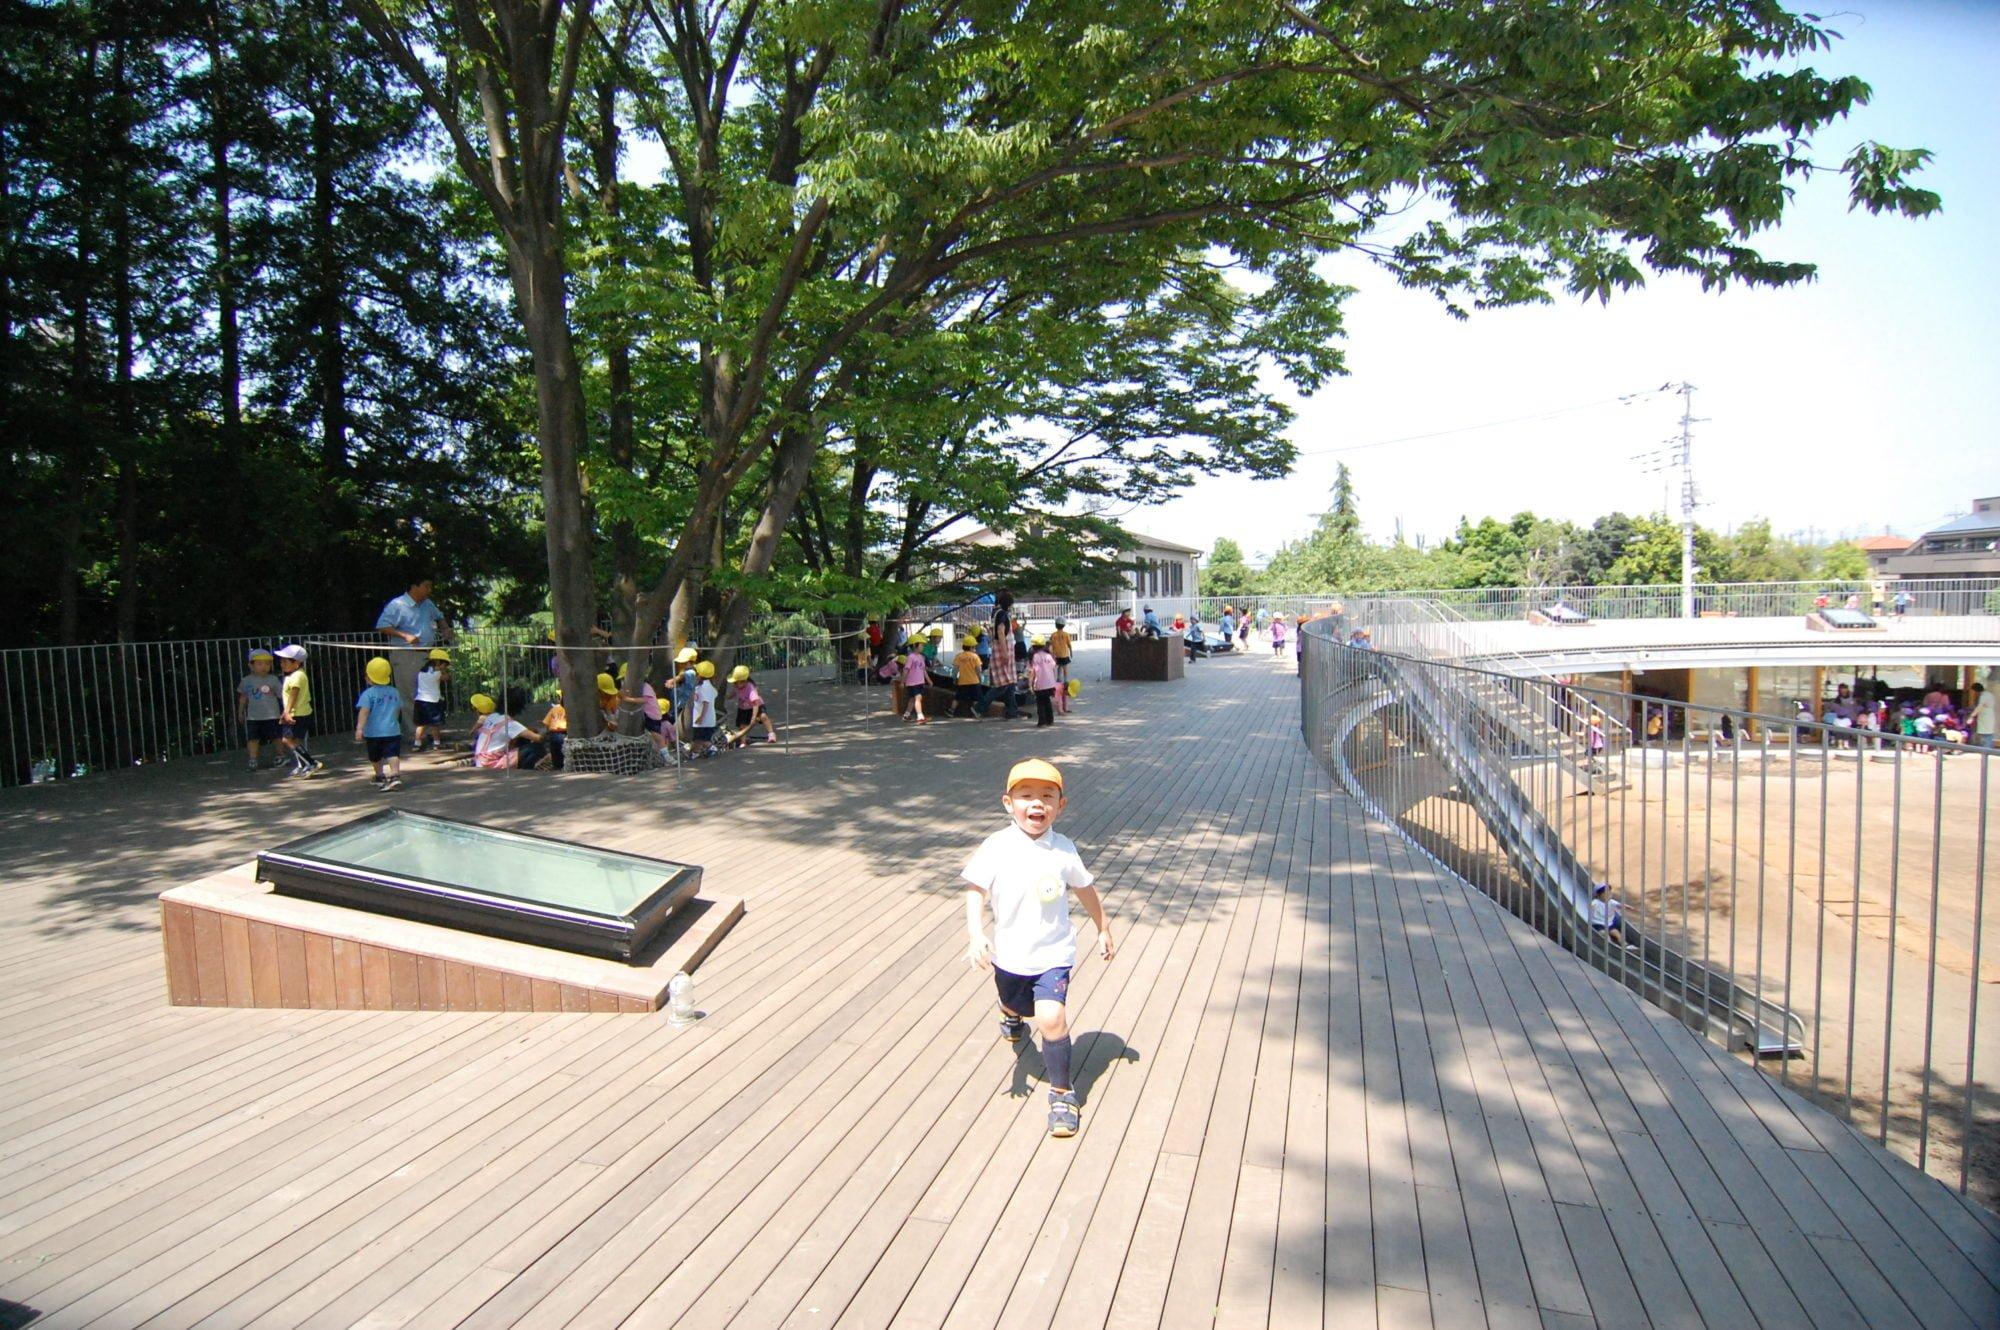 Jardim de infância Japão - melhor do mundo